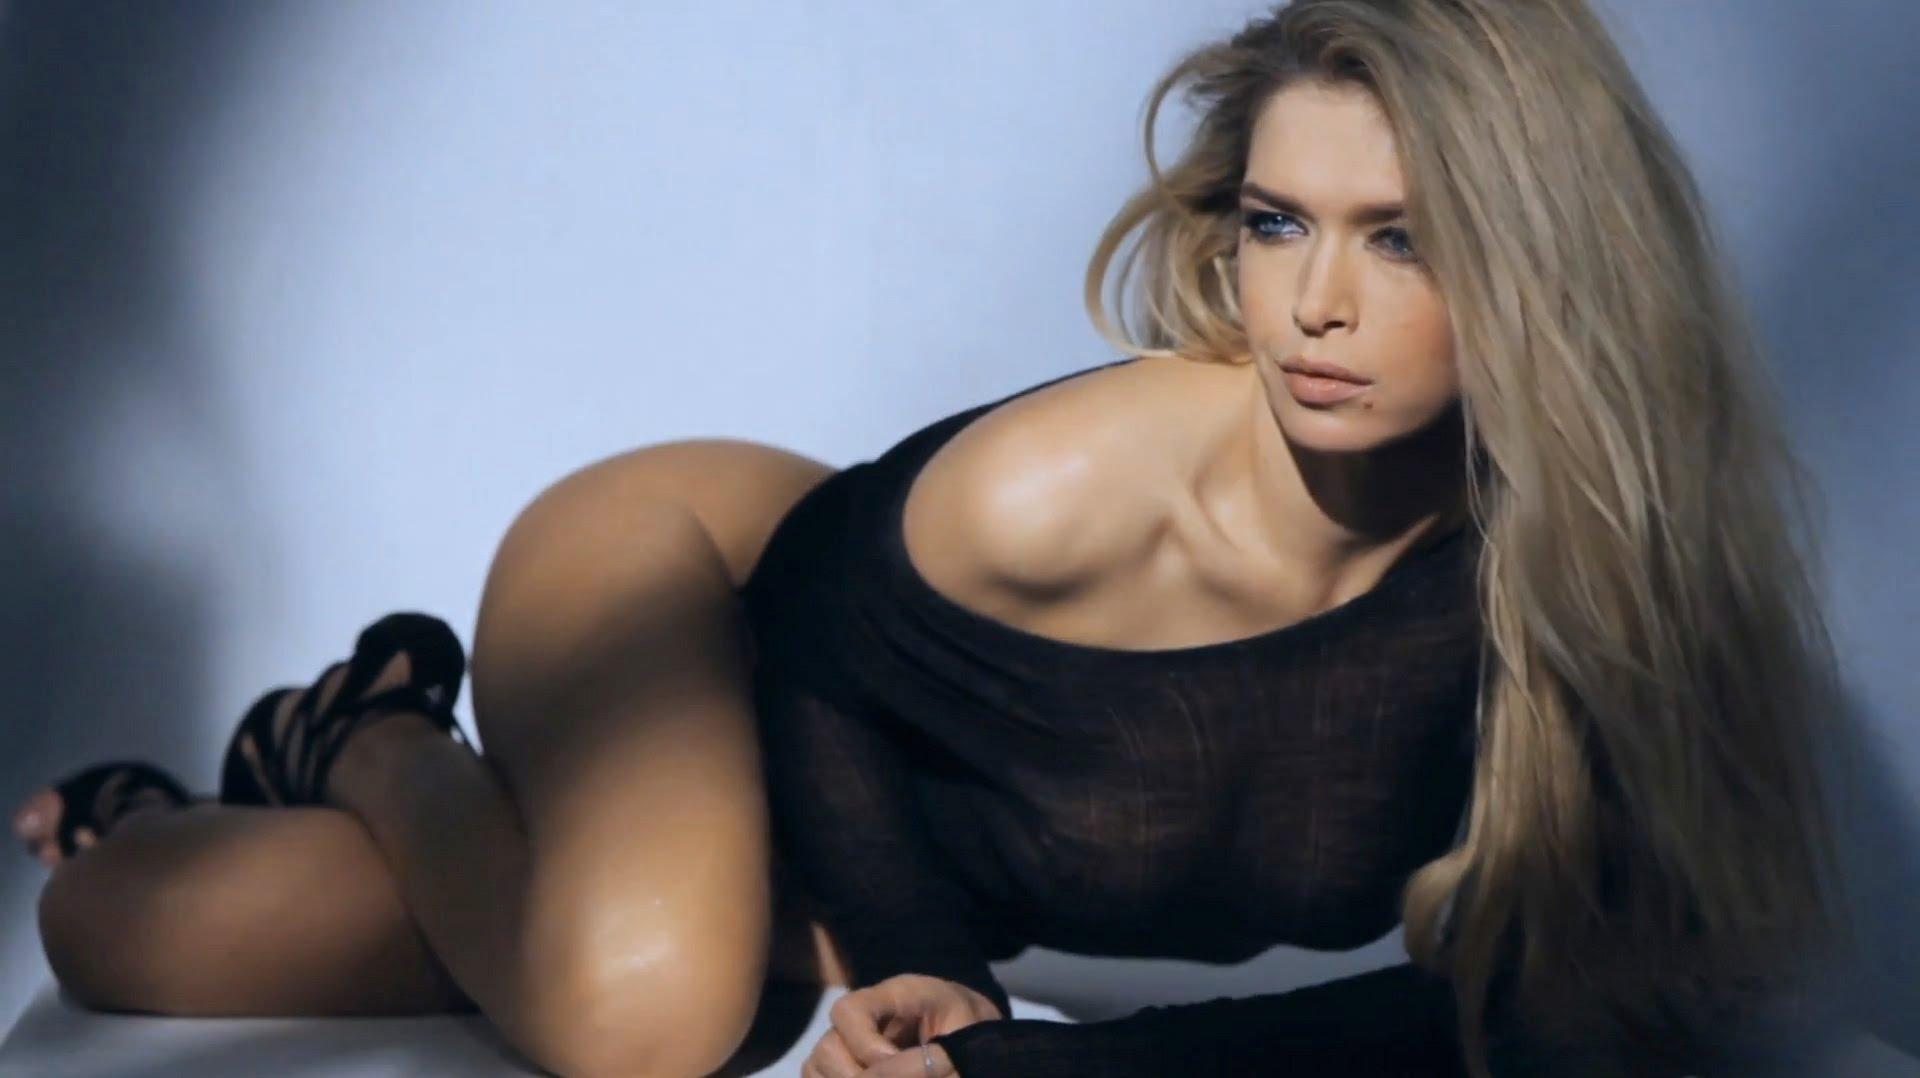 Украинская эстрадная певица названа самой половой в Российской Федерации